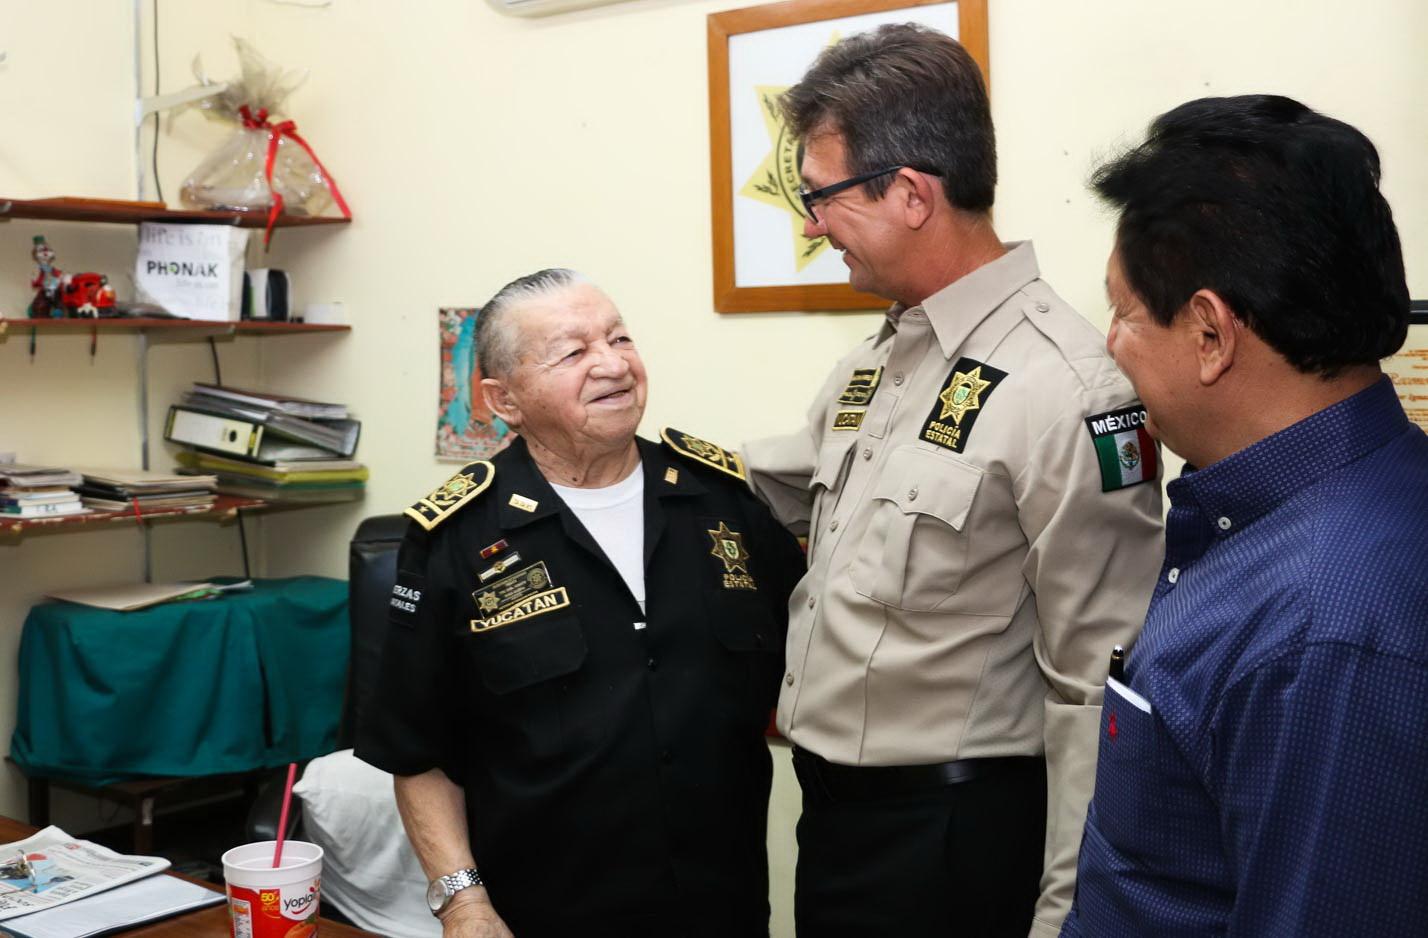 Martín Inurreta, nuevo director del Instituto de Formación Policial